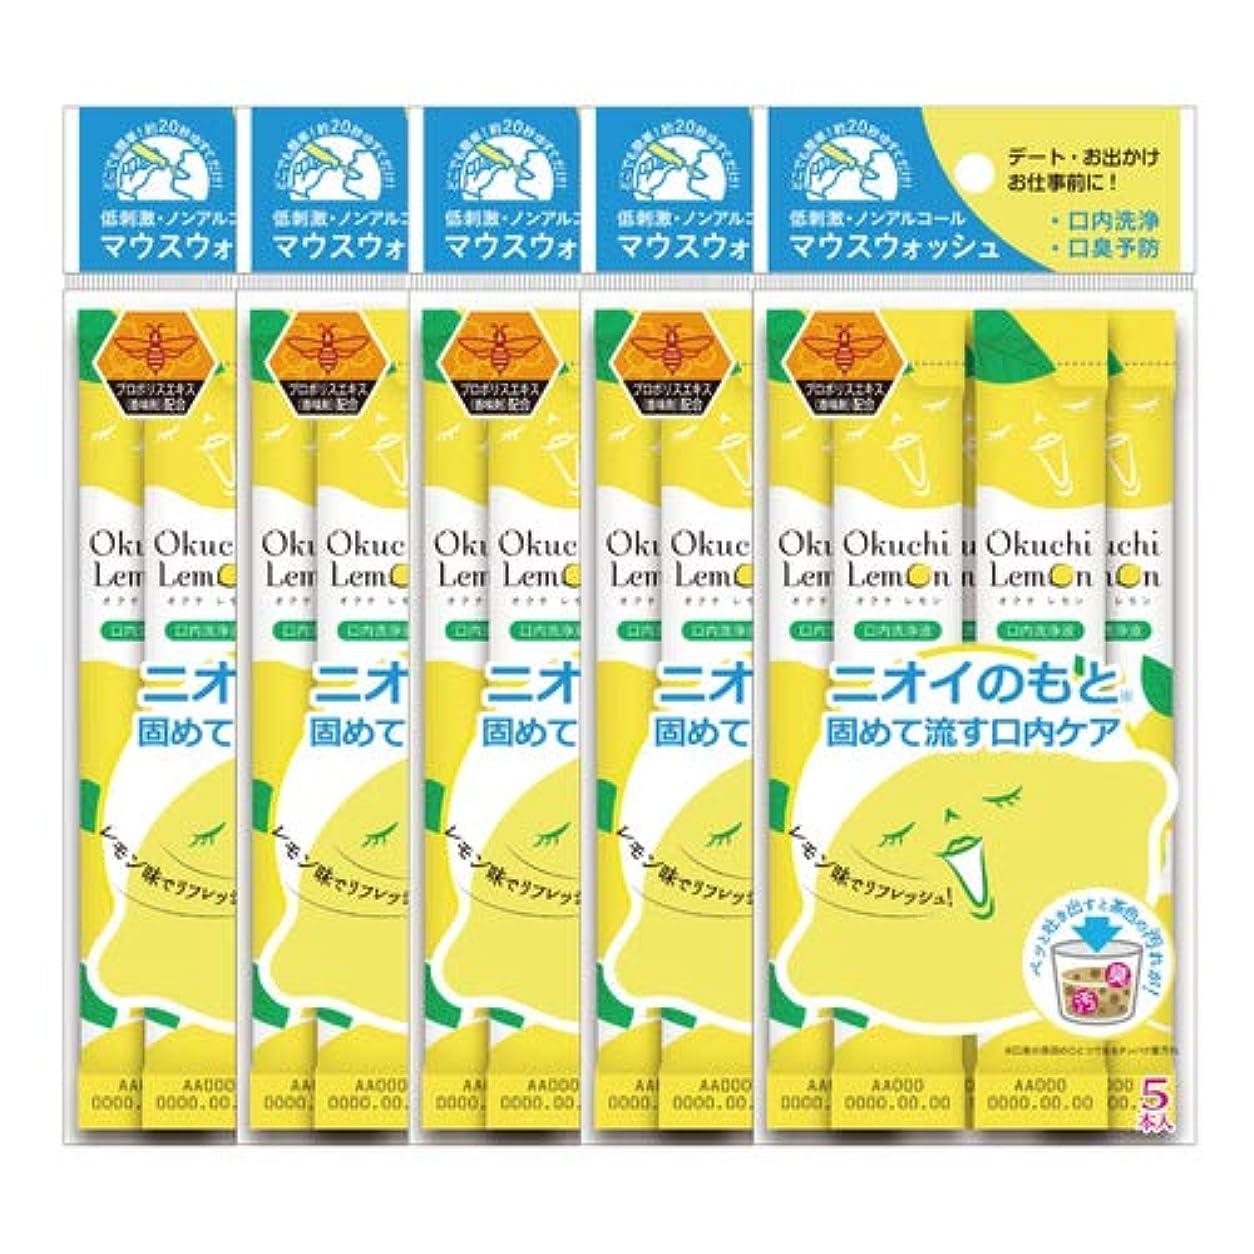 注文ランチに頼る口臭の原因除去マウスウォッシュ オクチレモン 5個セット(5本入り×5個)